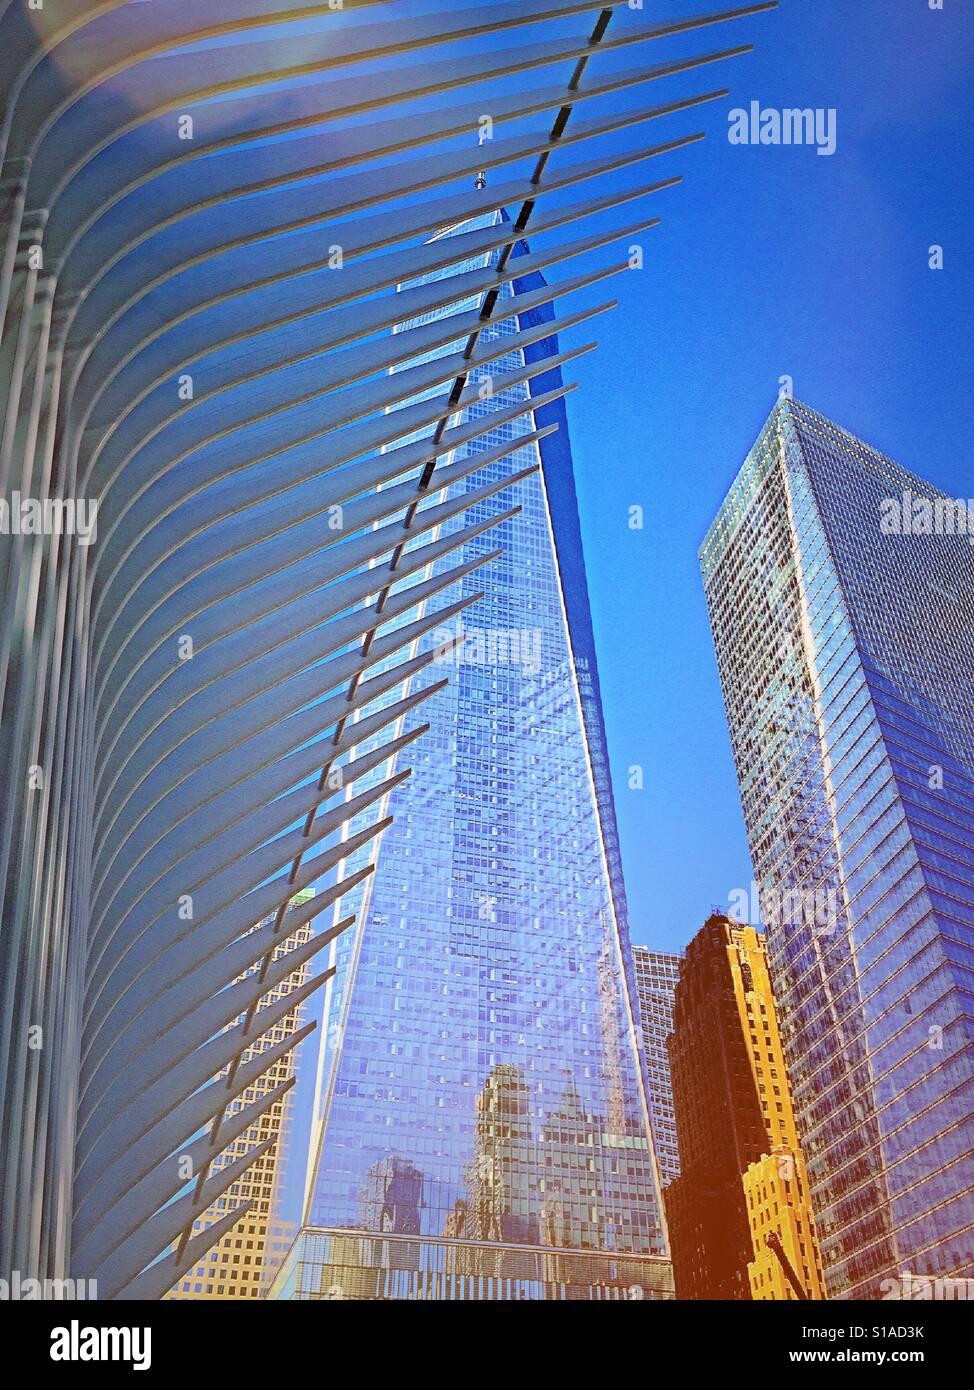 7 World Trade Center e segni della stazione percorso oculus, NYC, STATI UNITI D'AMERICA Immagini Stock